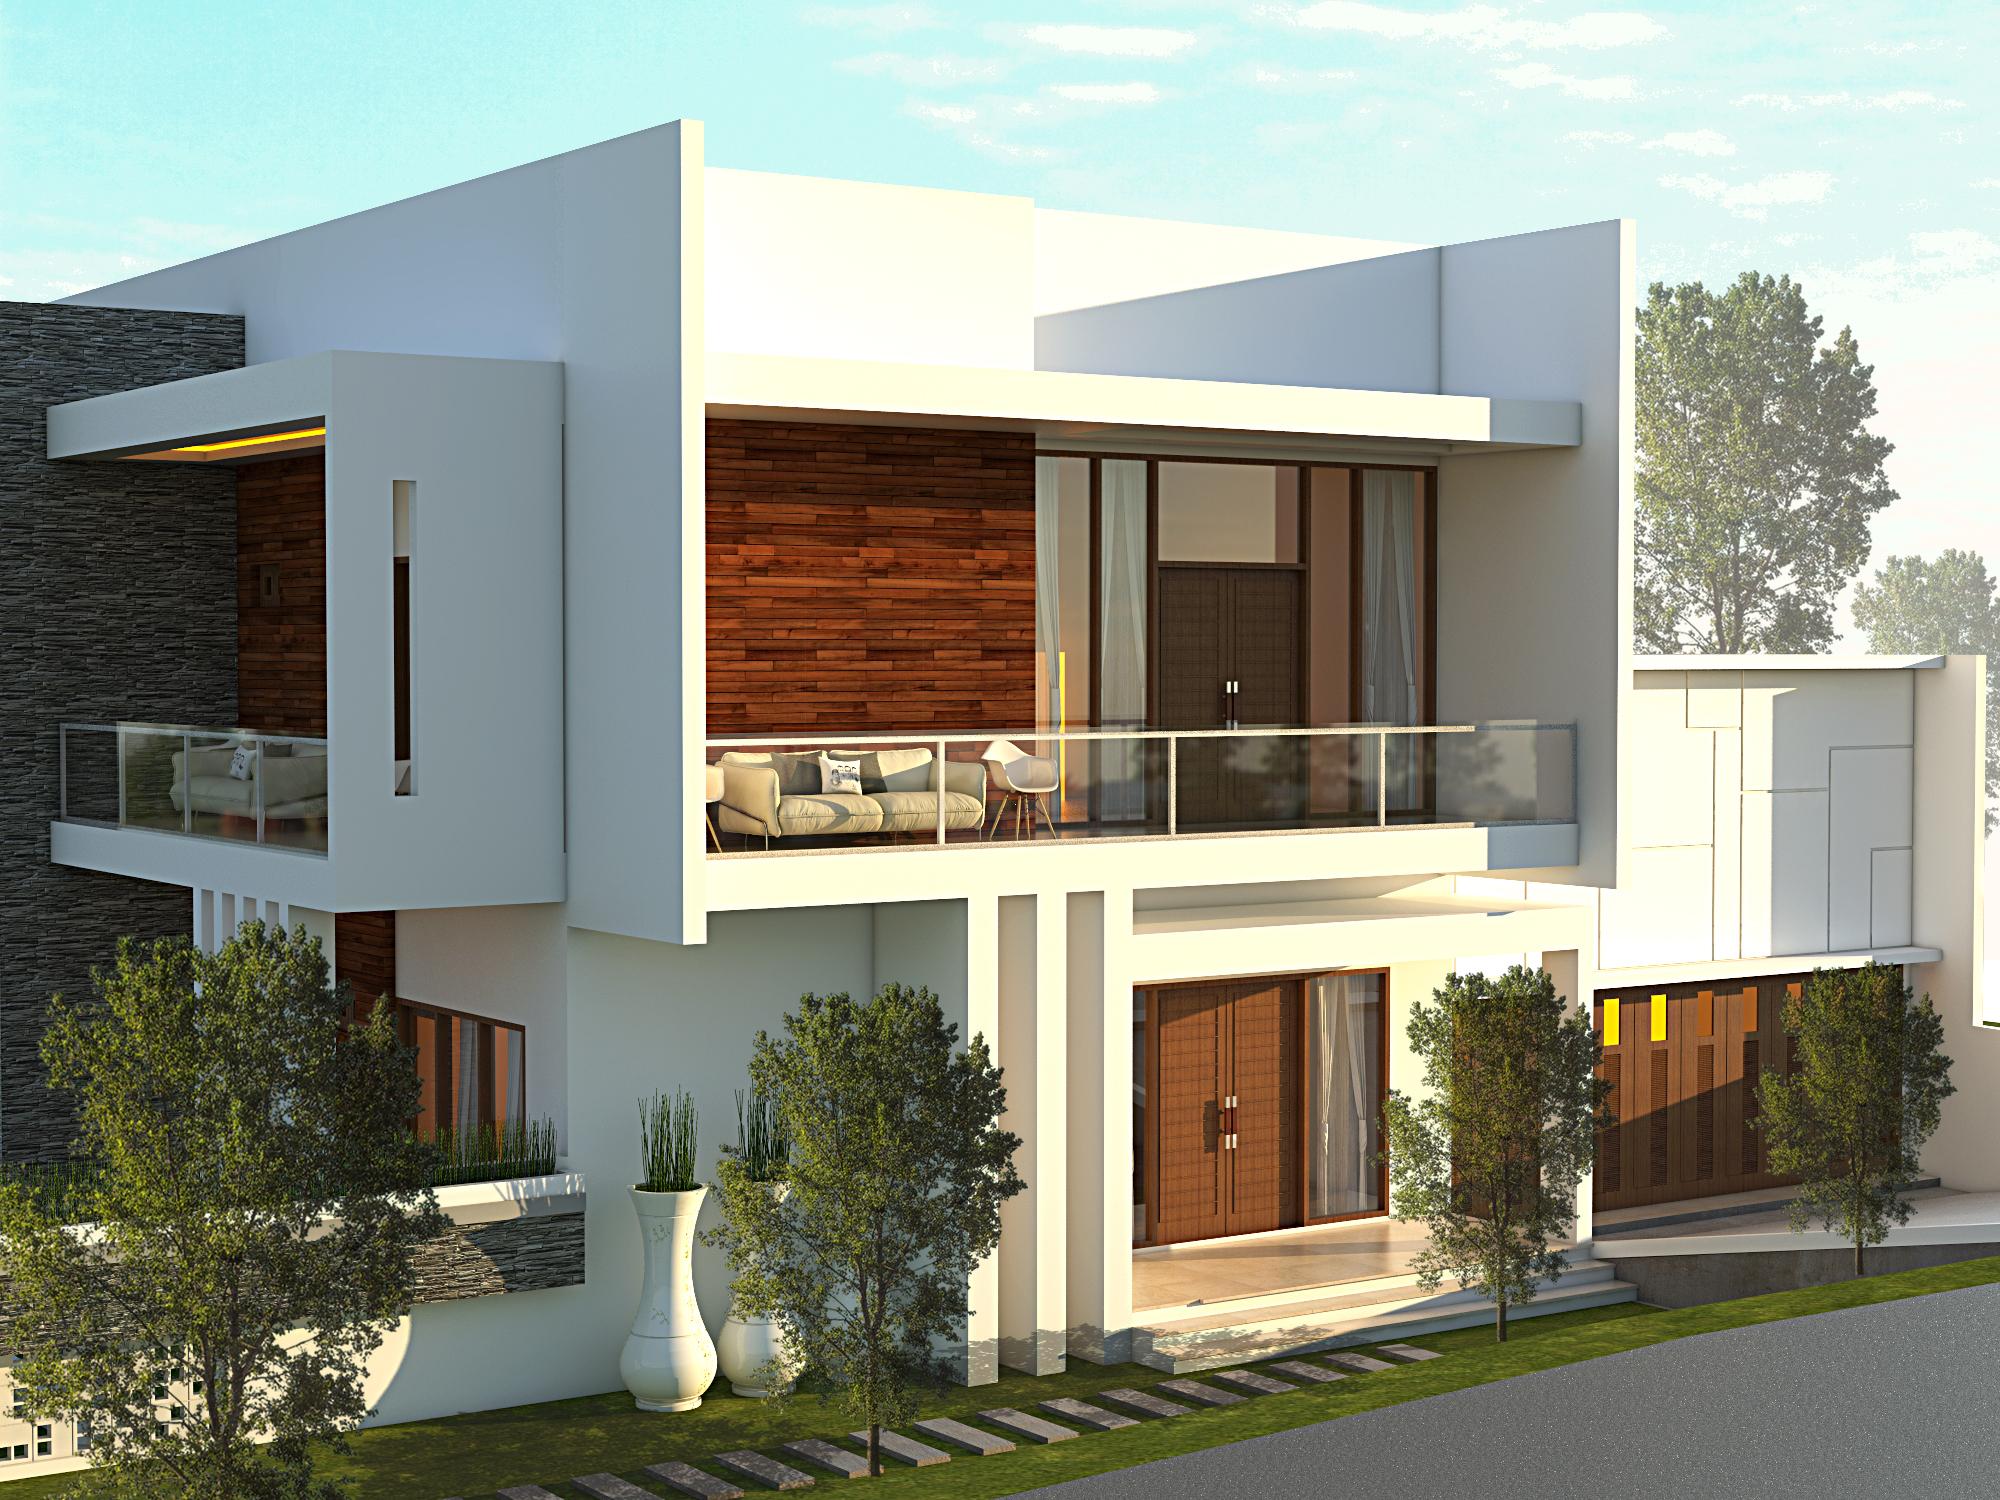 Desain Arsitektur Rumah Hook Minimalis Mediteran Bapak Darno Di